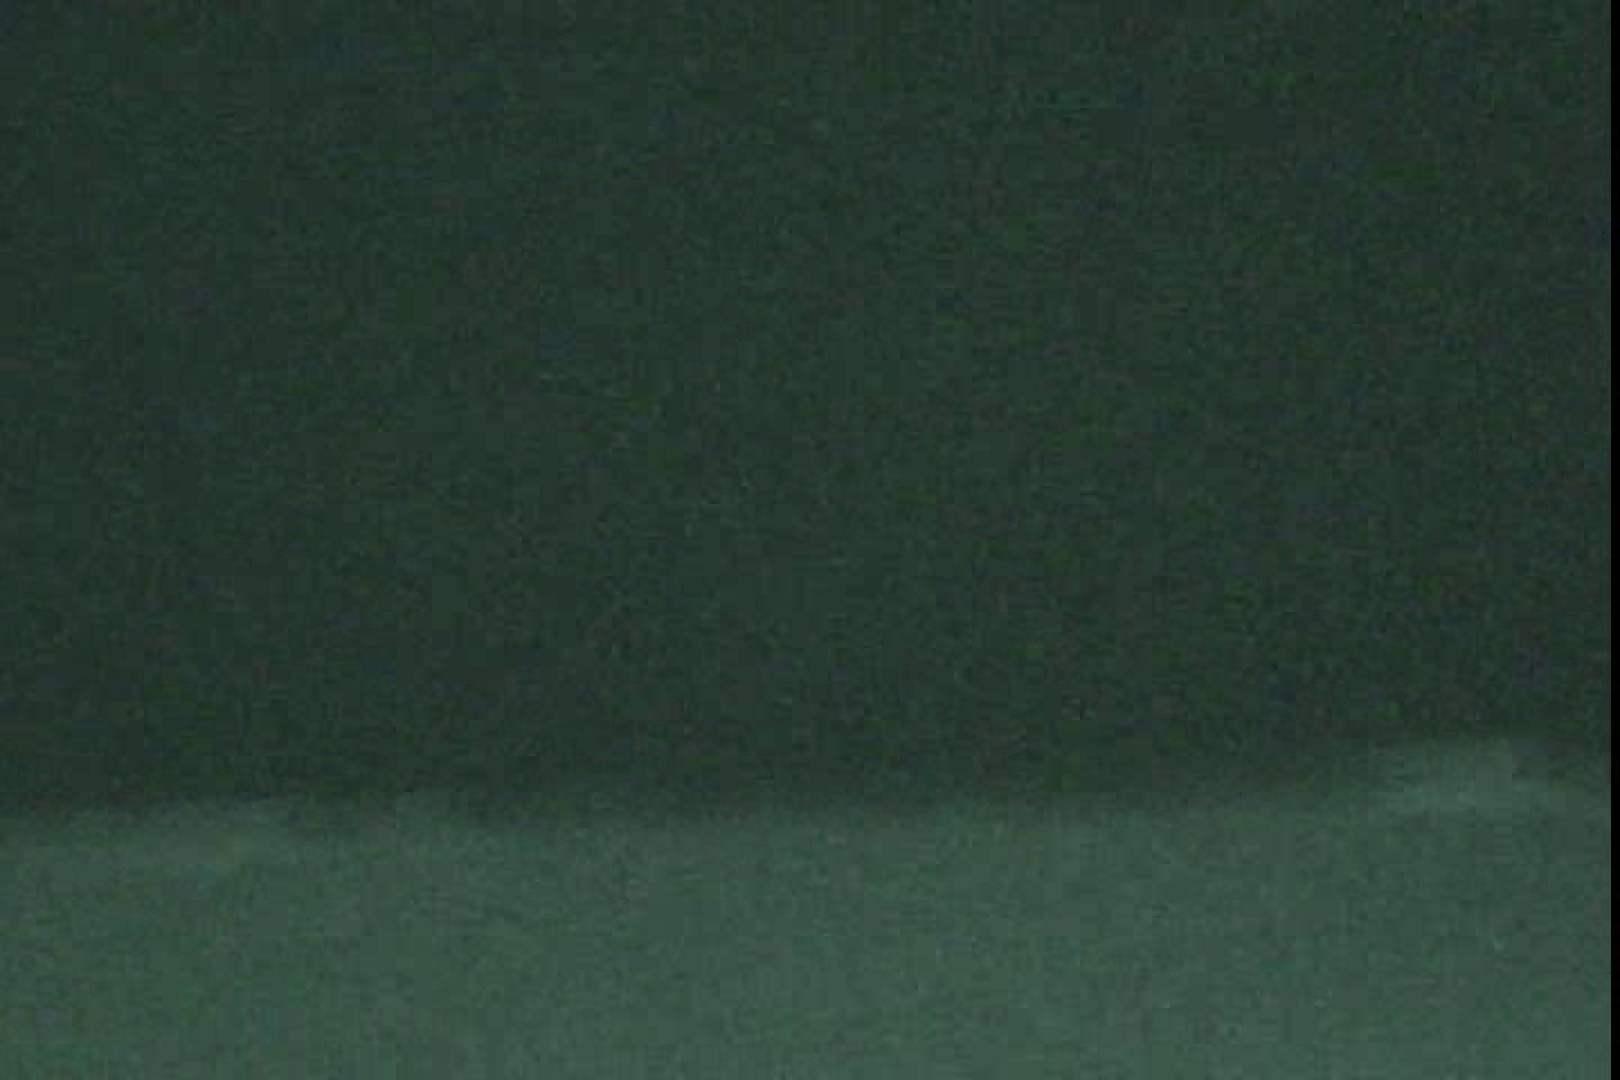 赤外線ムレスケバレー(汗) vol.05 赤外線  79pic 24